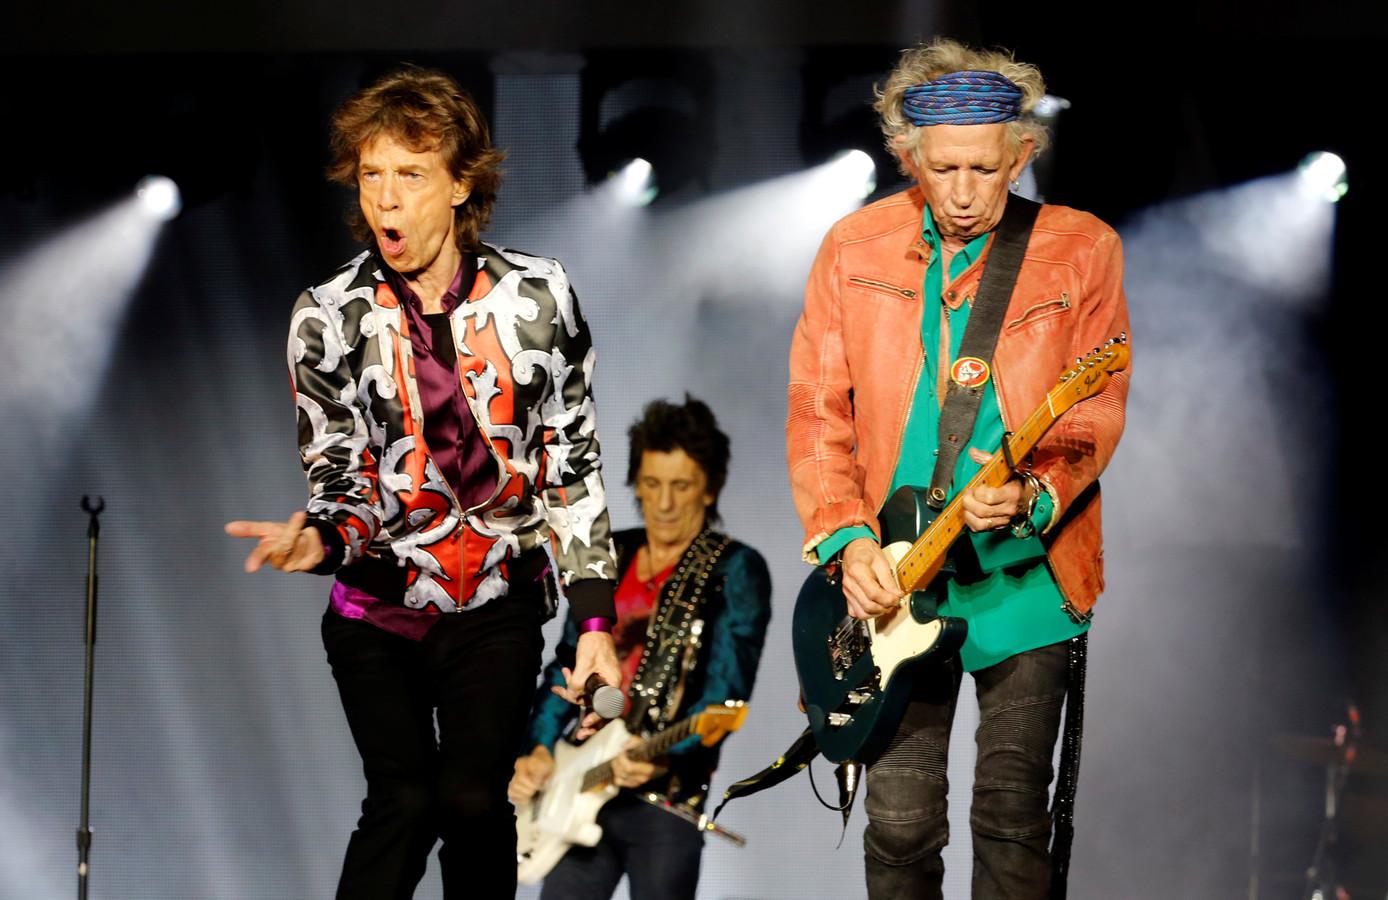 Keith Richards (rechts) naast Mick Jagger. Op de achtergrond zie je Ron Wood.